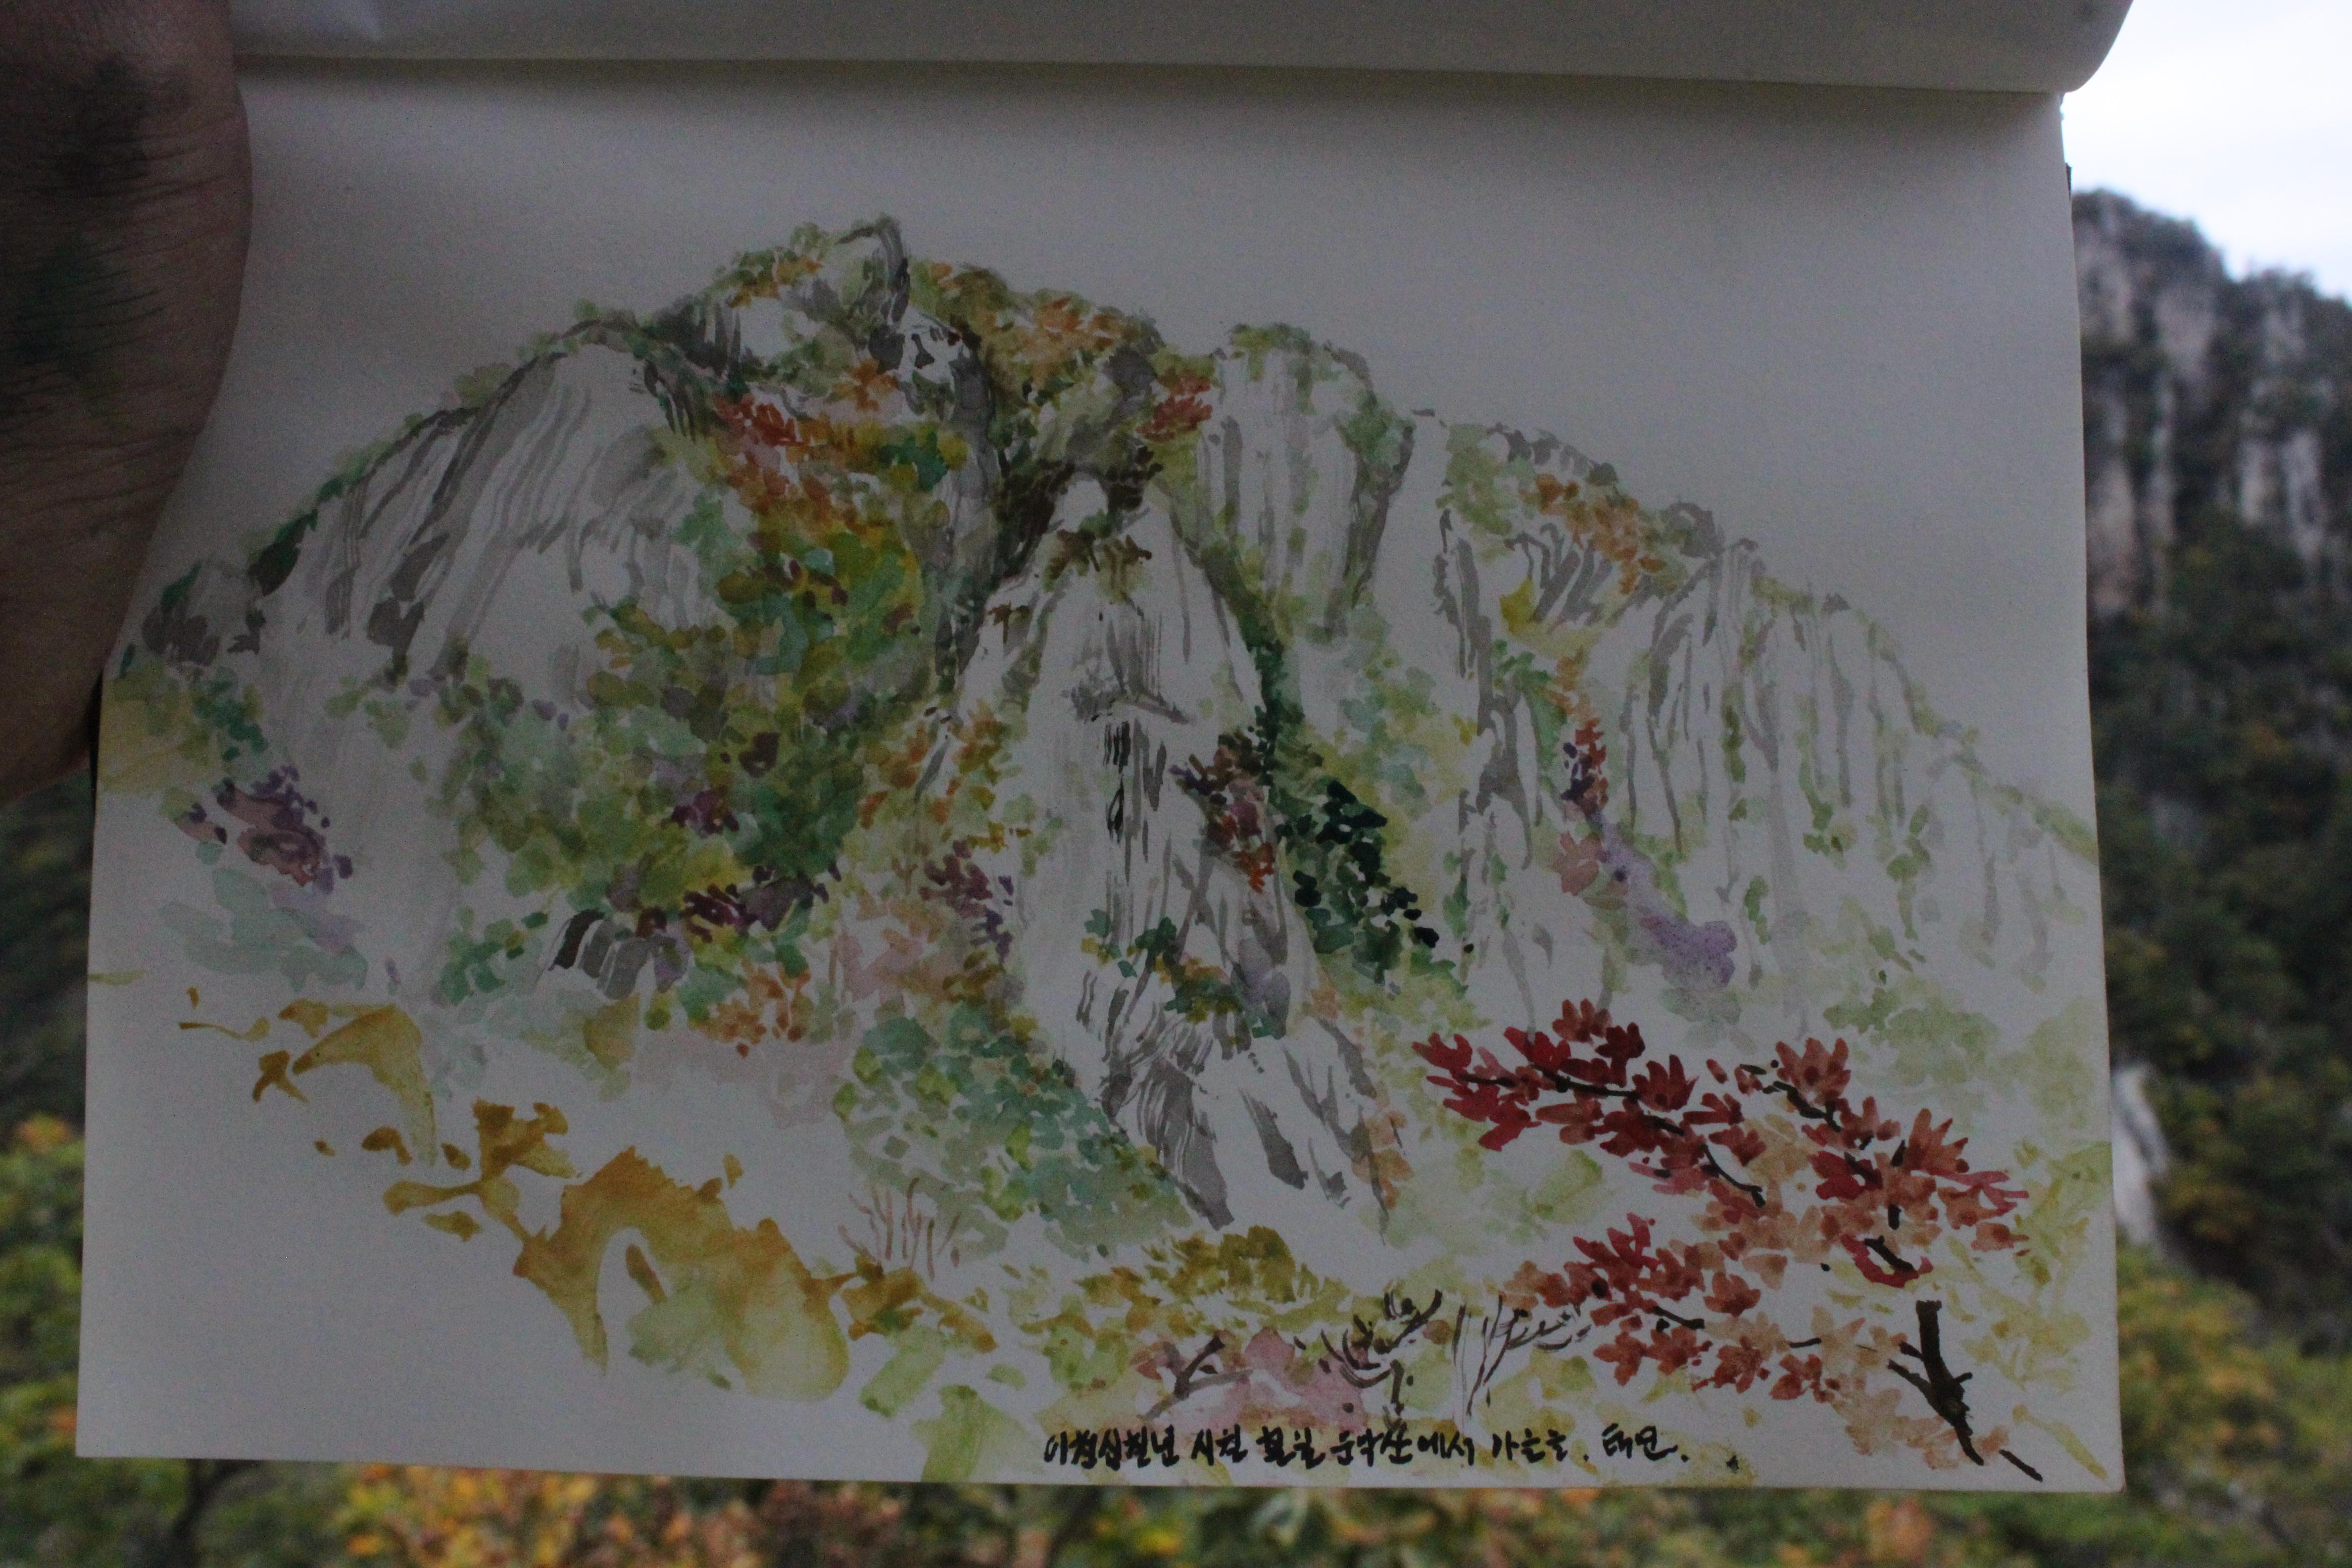 운악산, 삶의 의미를 확인시켜주는 가을색의 진경